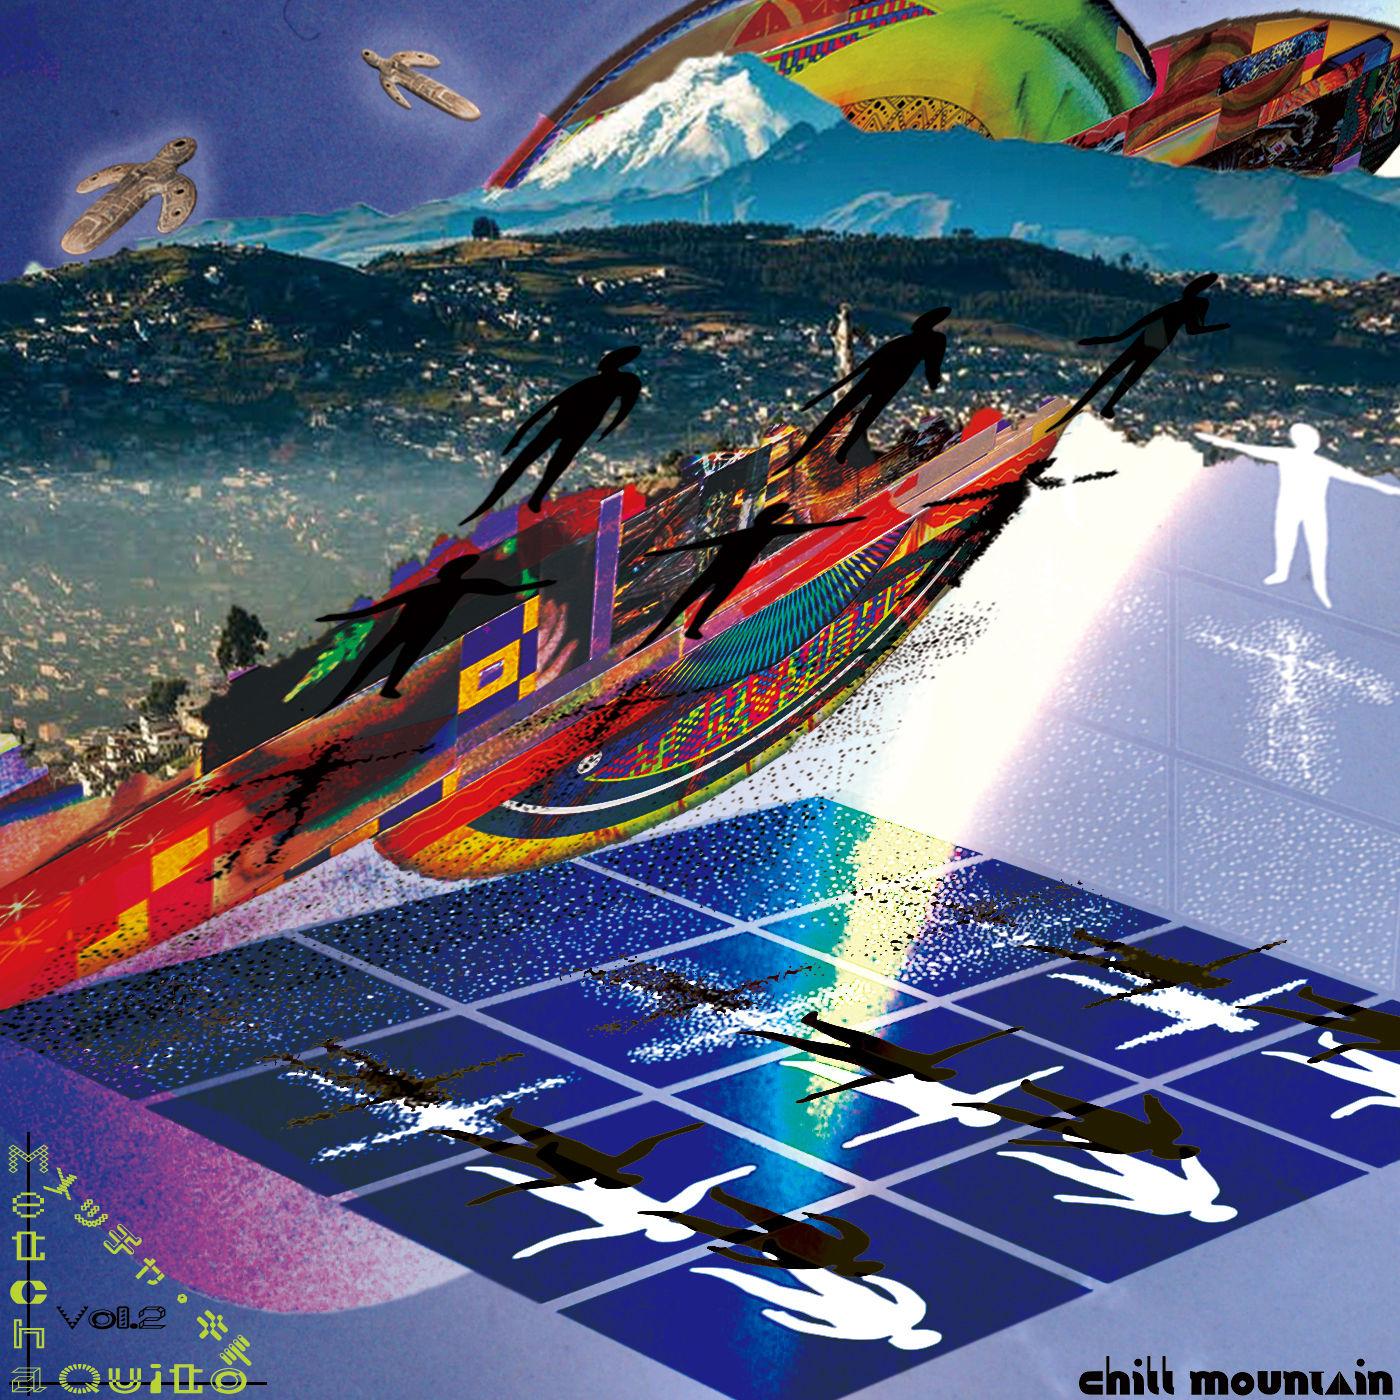 CHILL MOUNTAIN - ChillMountain / メチャColor Drops WASH BLUE Sizd L : WEAR gallery 2